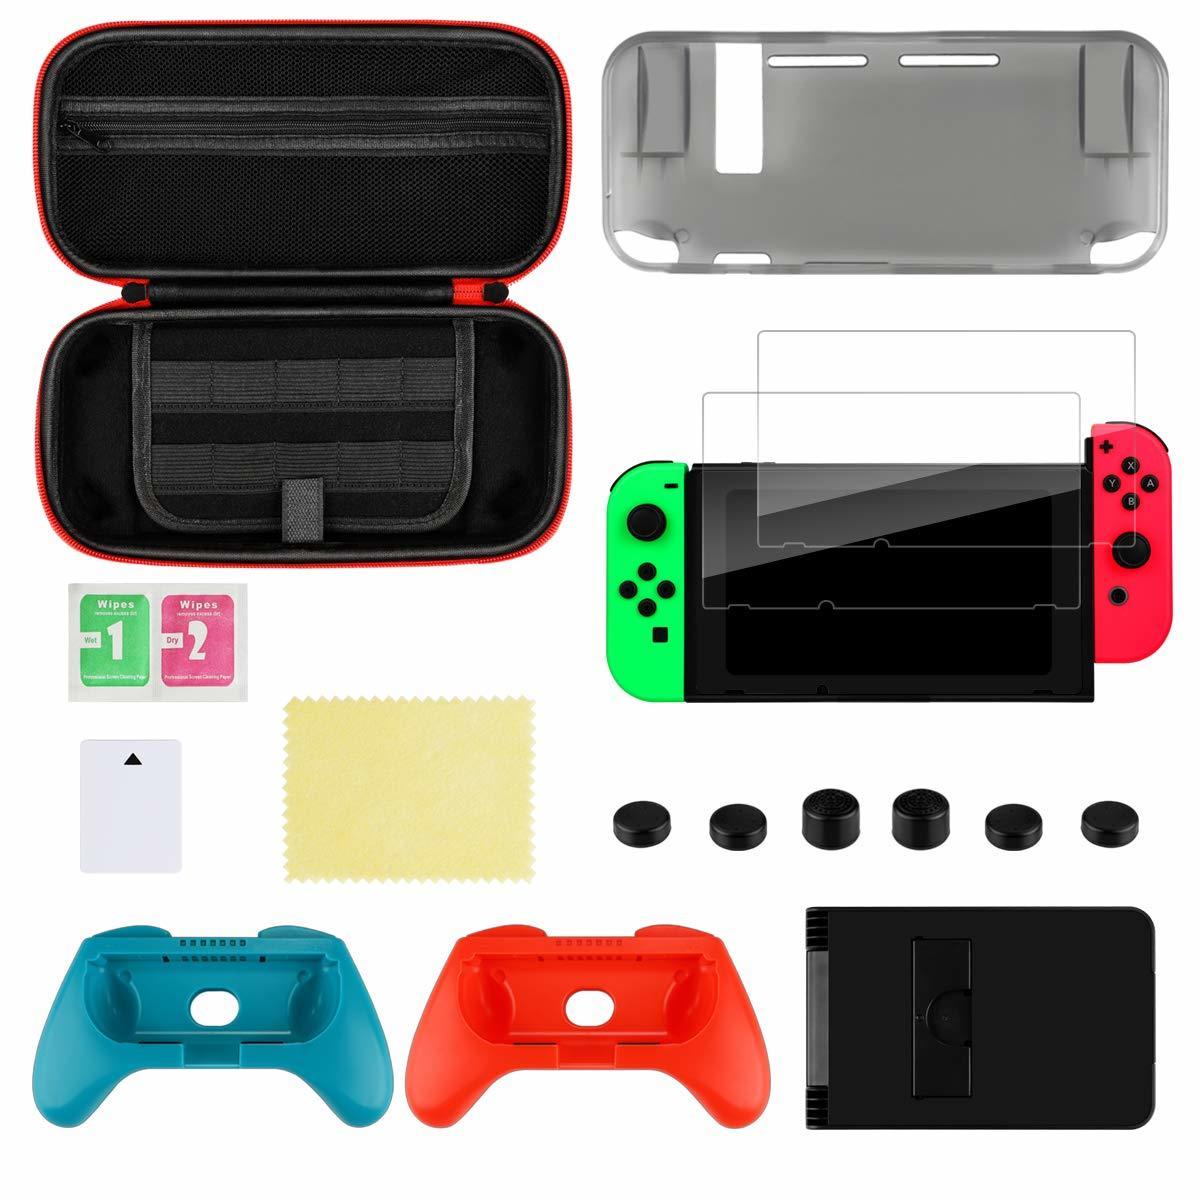 Nintendo Switch ケース 任天堂スイッチケース 保護カバー グリップ スタンド機能付き スイッチケース キャリング 大容量 収納バッグ 防水